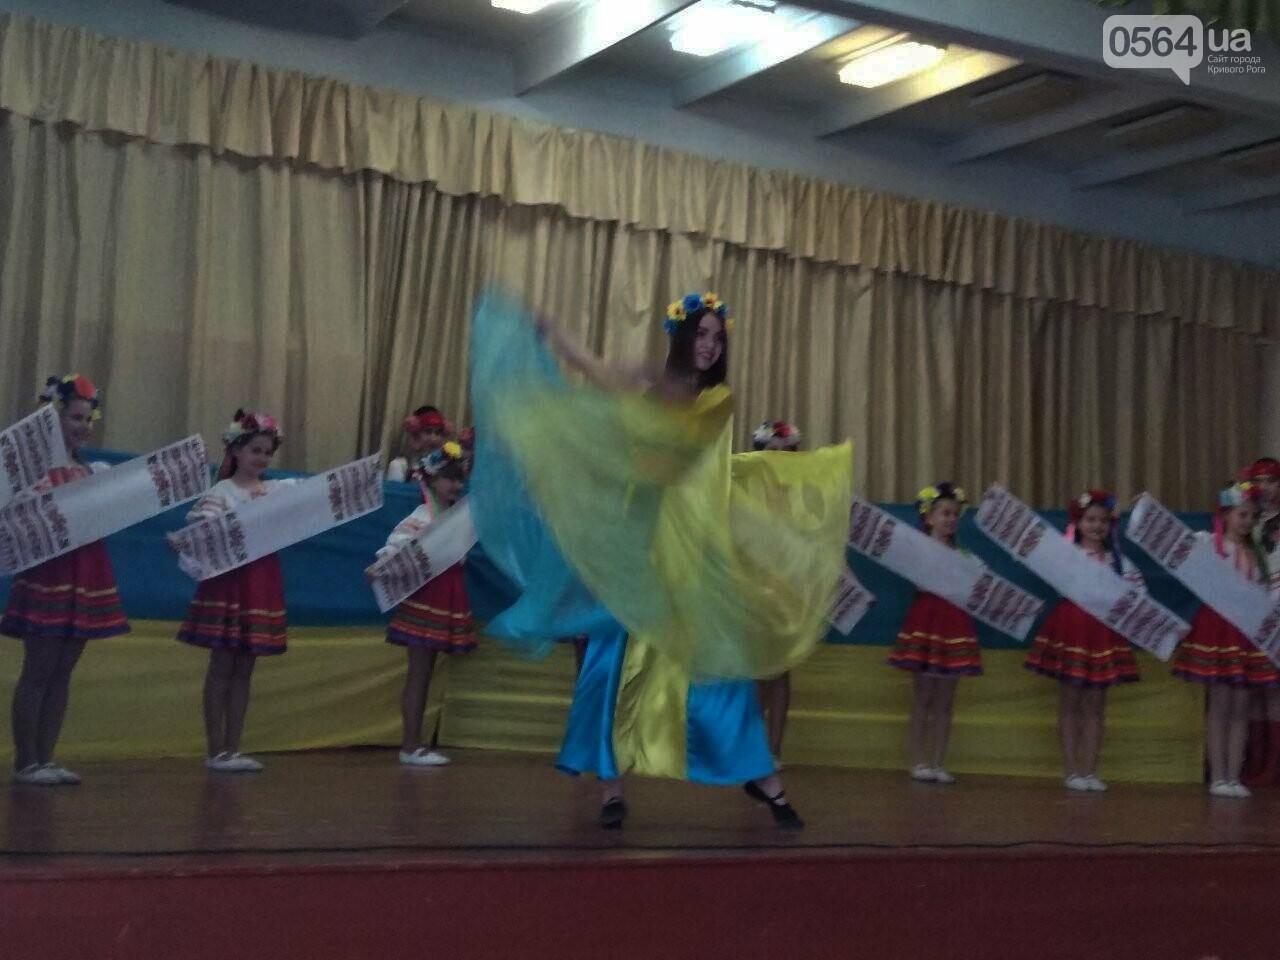 Криворожские школьники провели благотворительный концерт в поддержку бойцов АТО (ФОТО), фото-12